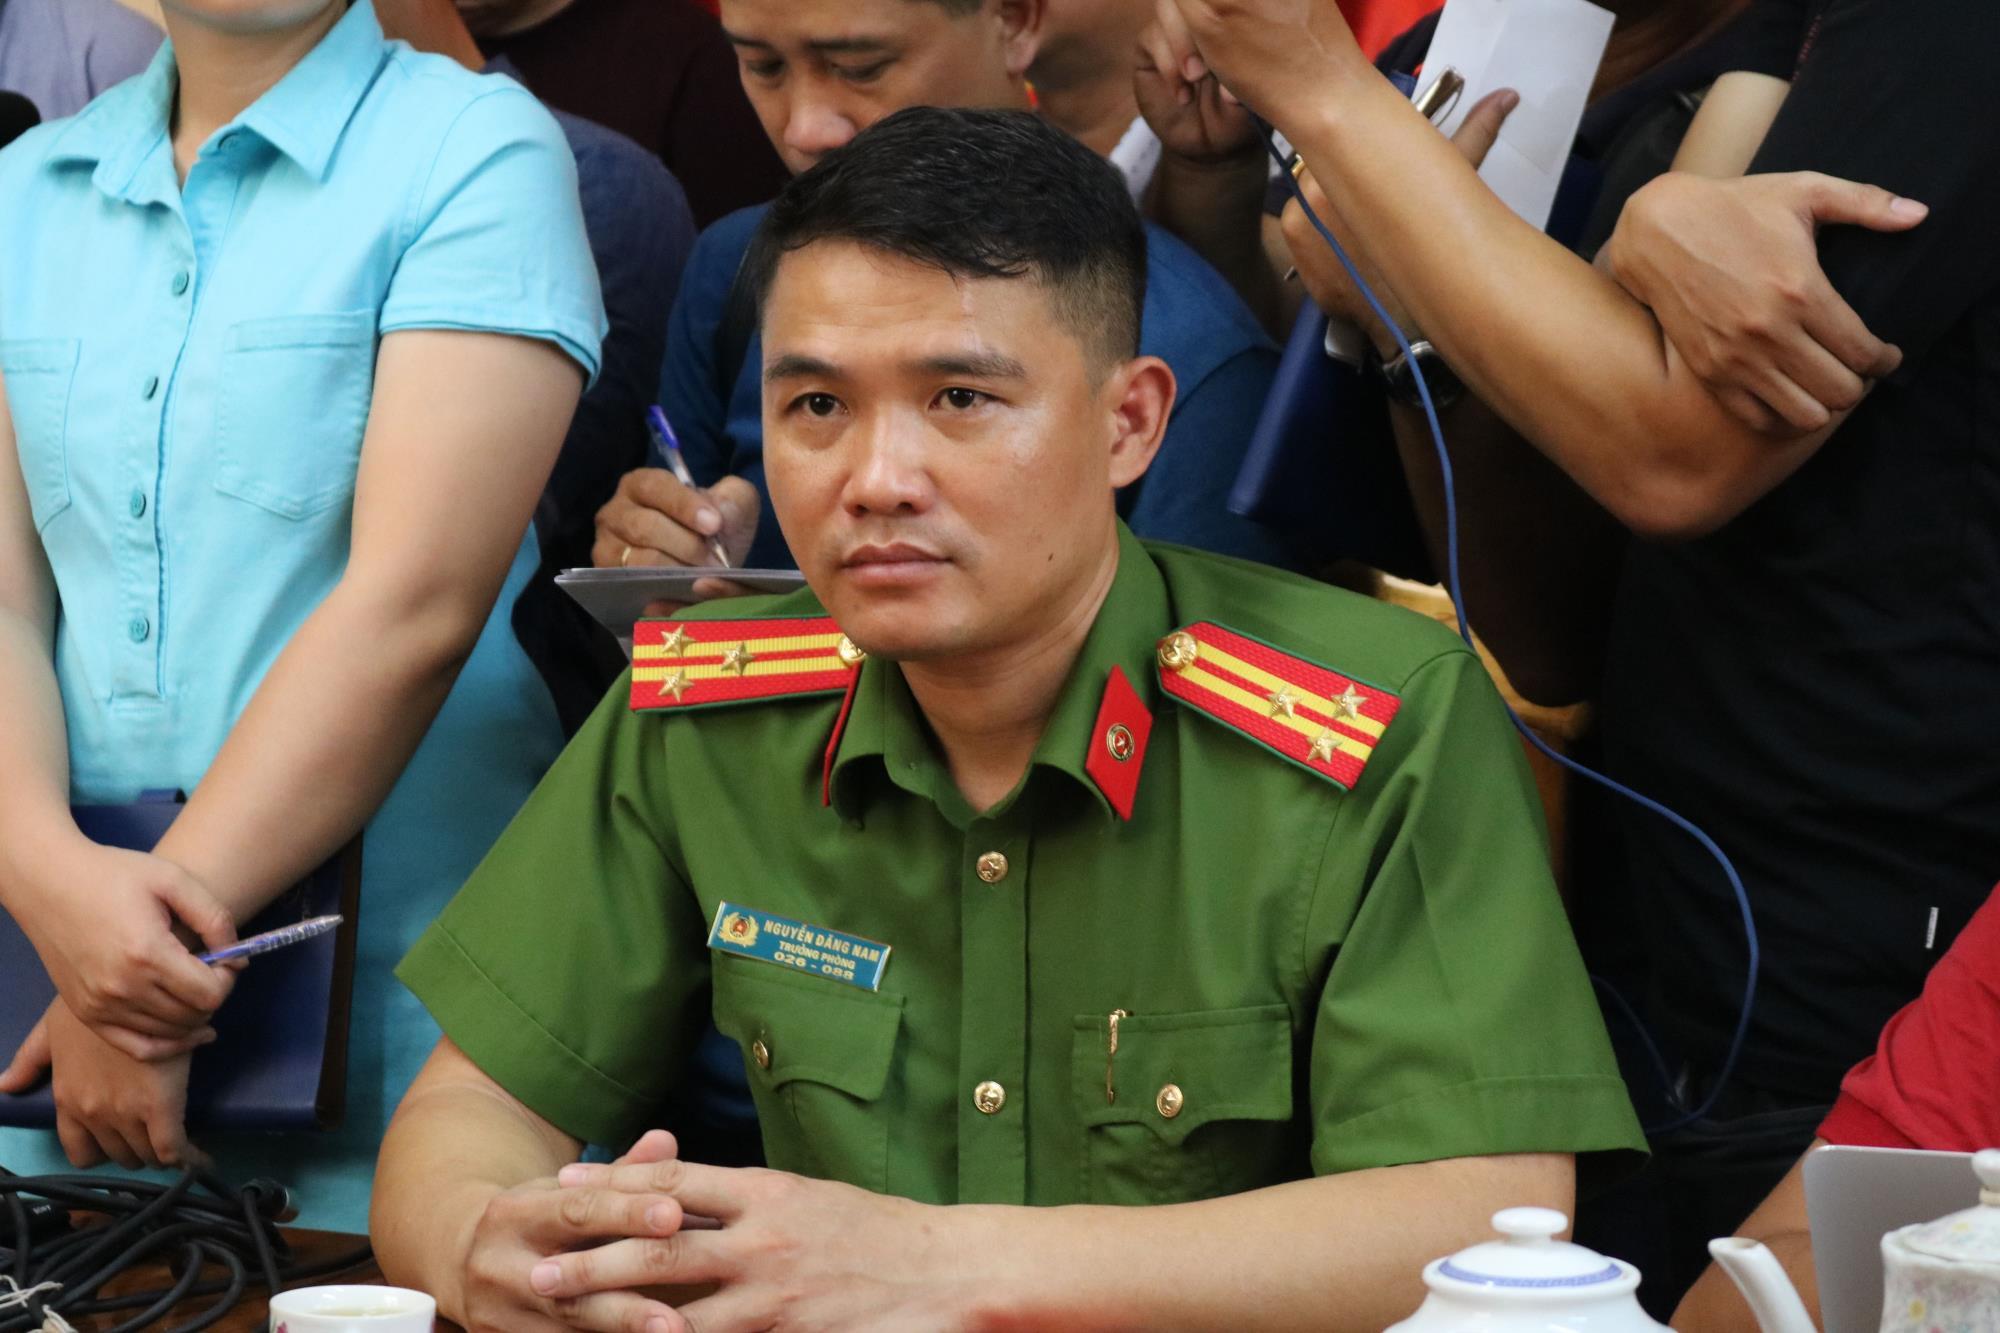 Họp báo vụ 2 hiệp sĩ Sài Gòn bị sát hại: Đã bắt được hai nghi can gây án  - Ảnh 1